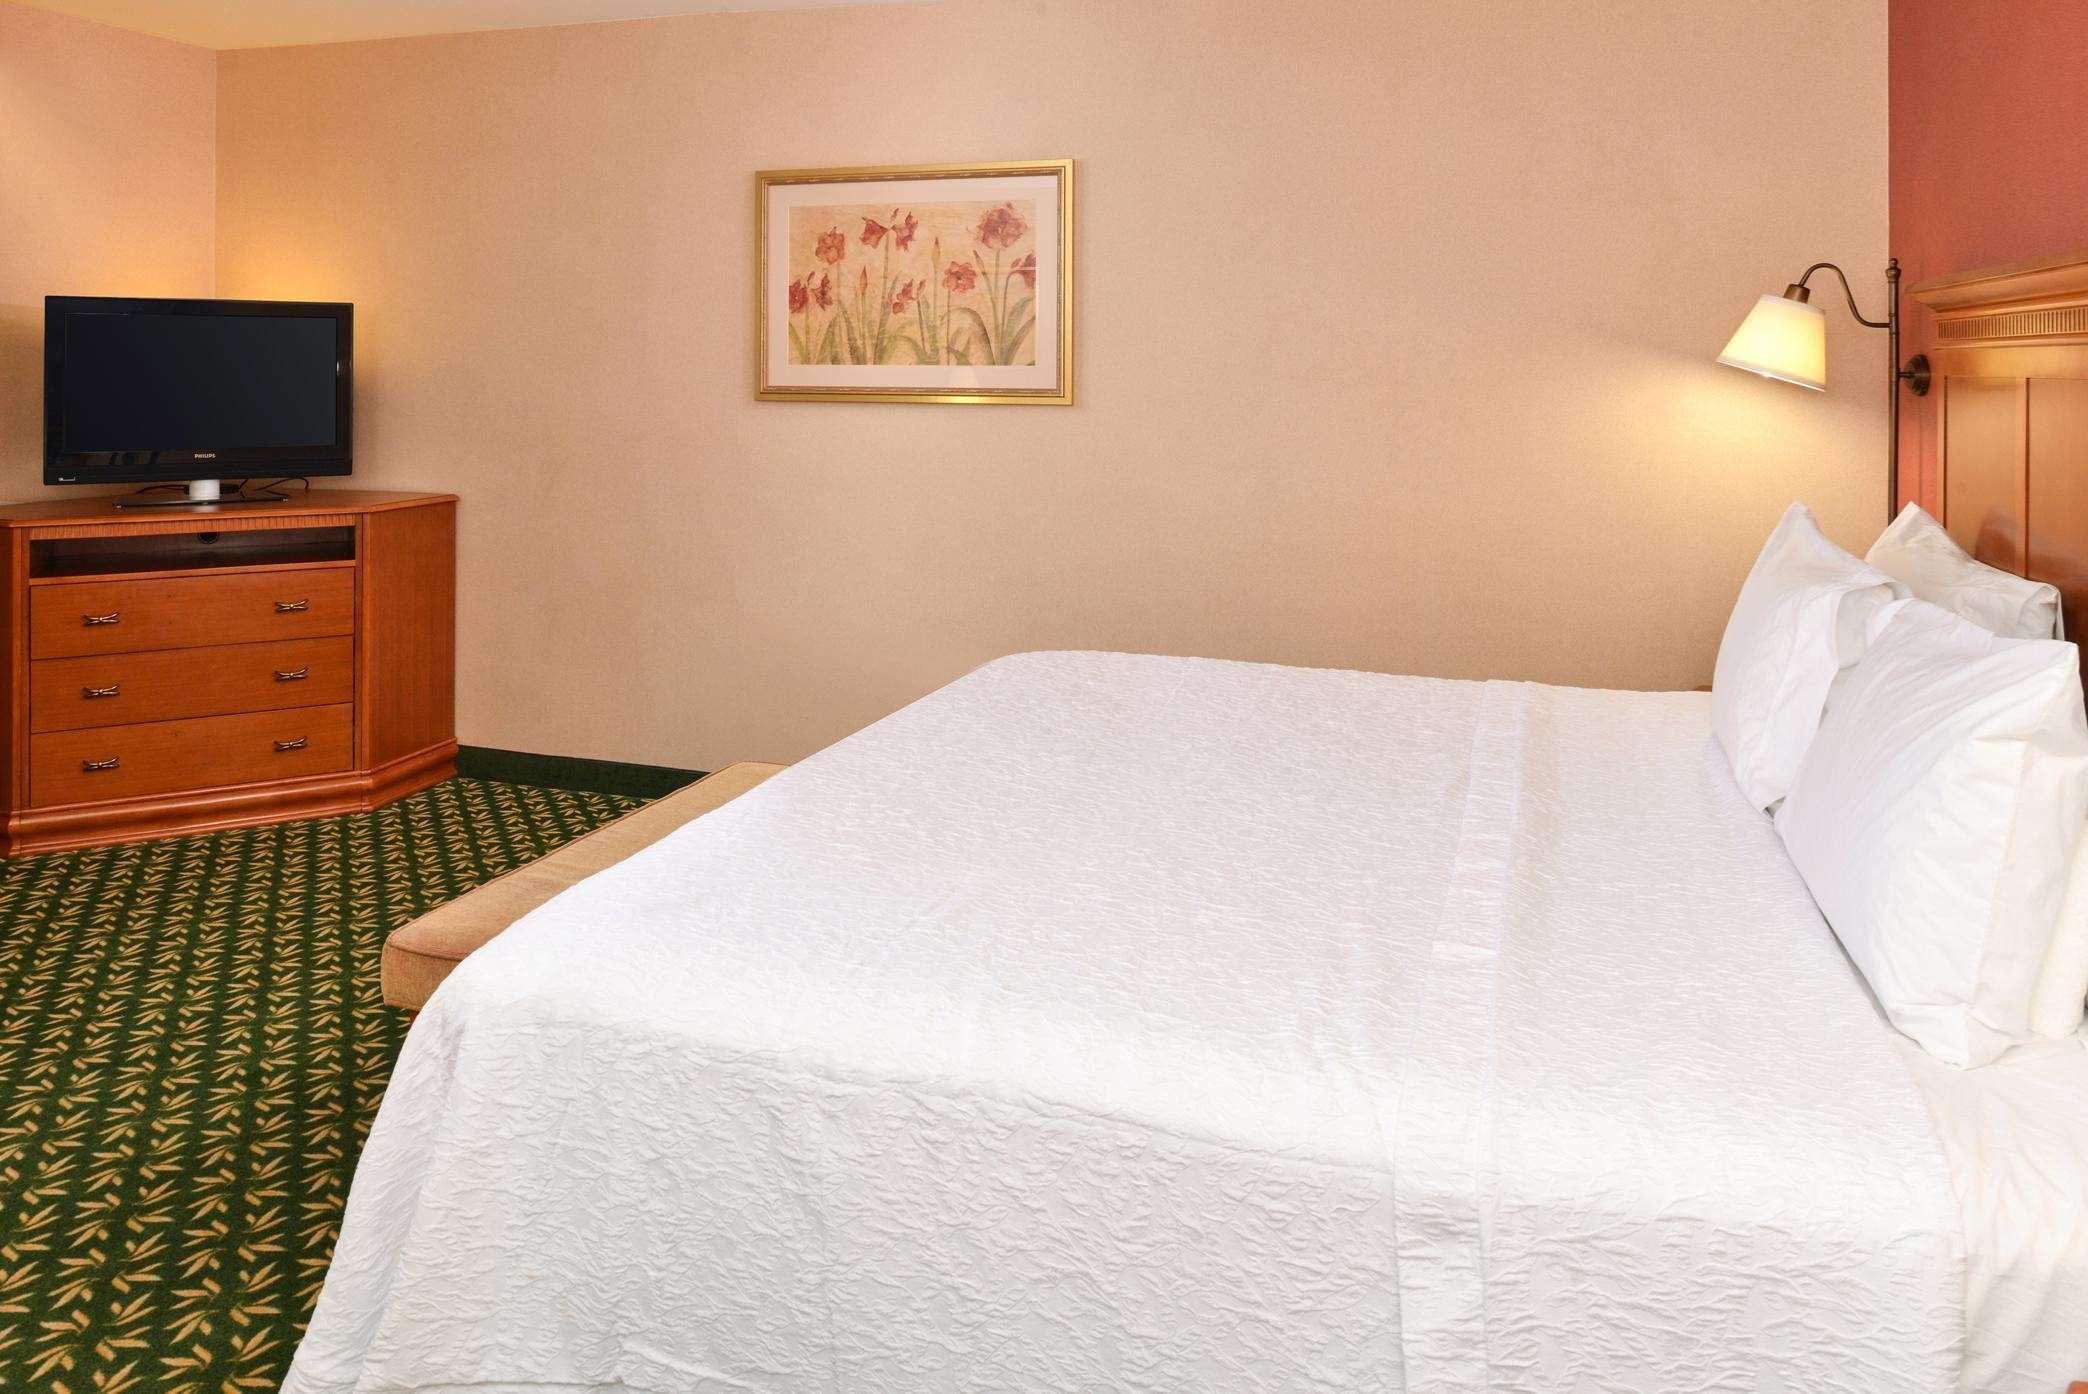 Hampton Inn & Suites Casper image 29